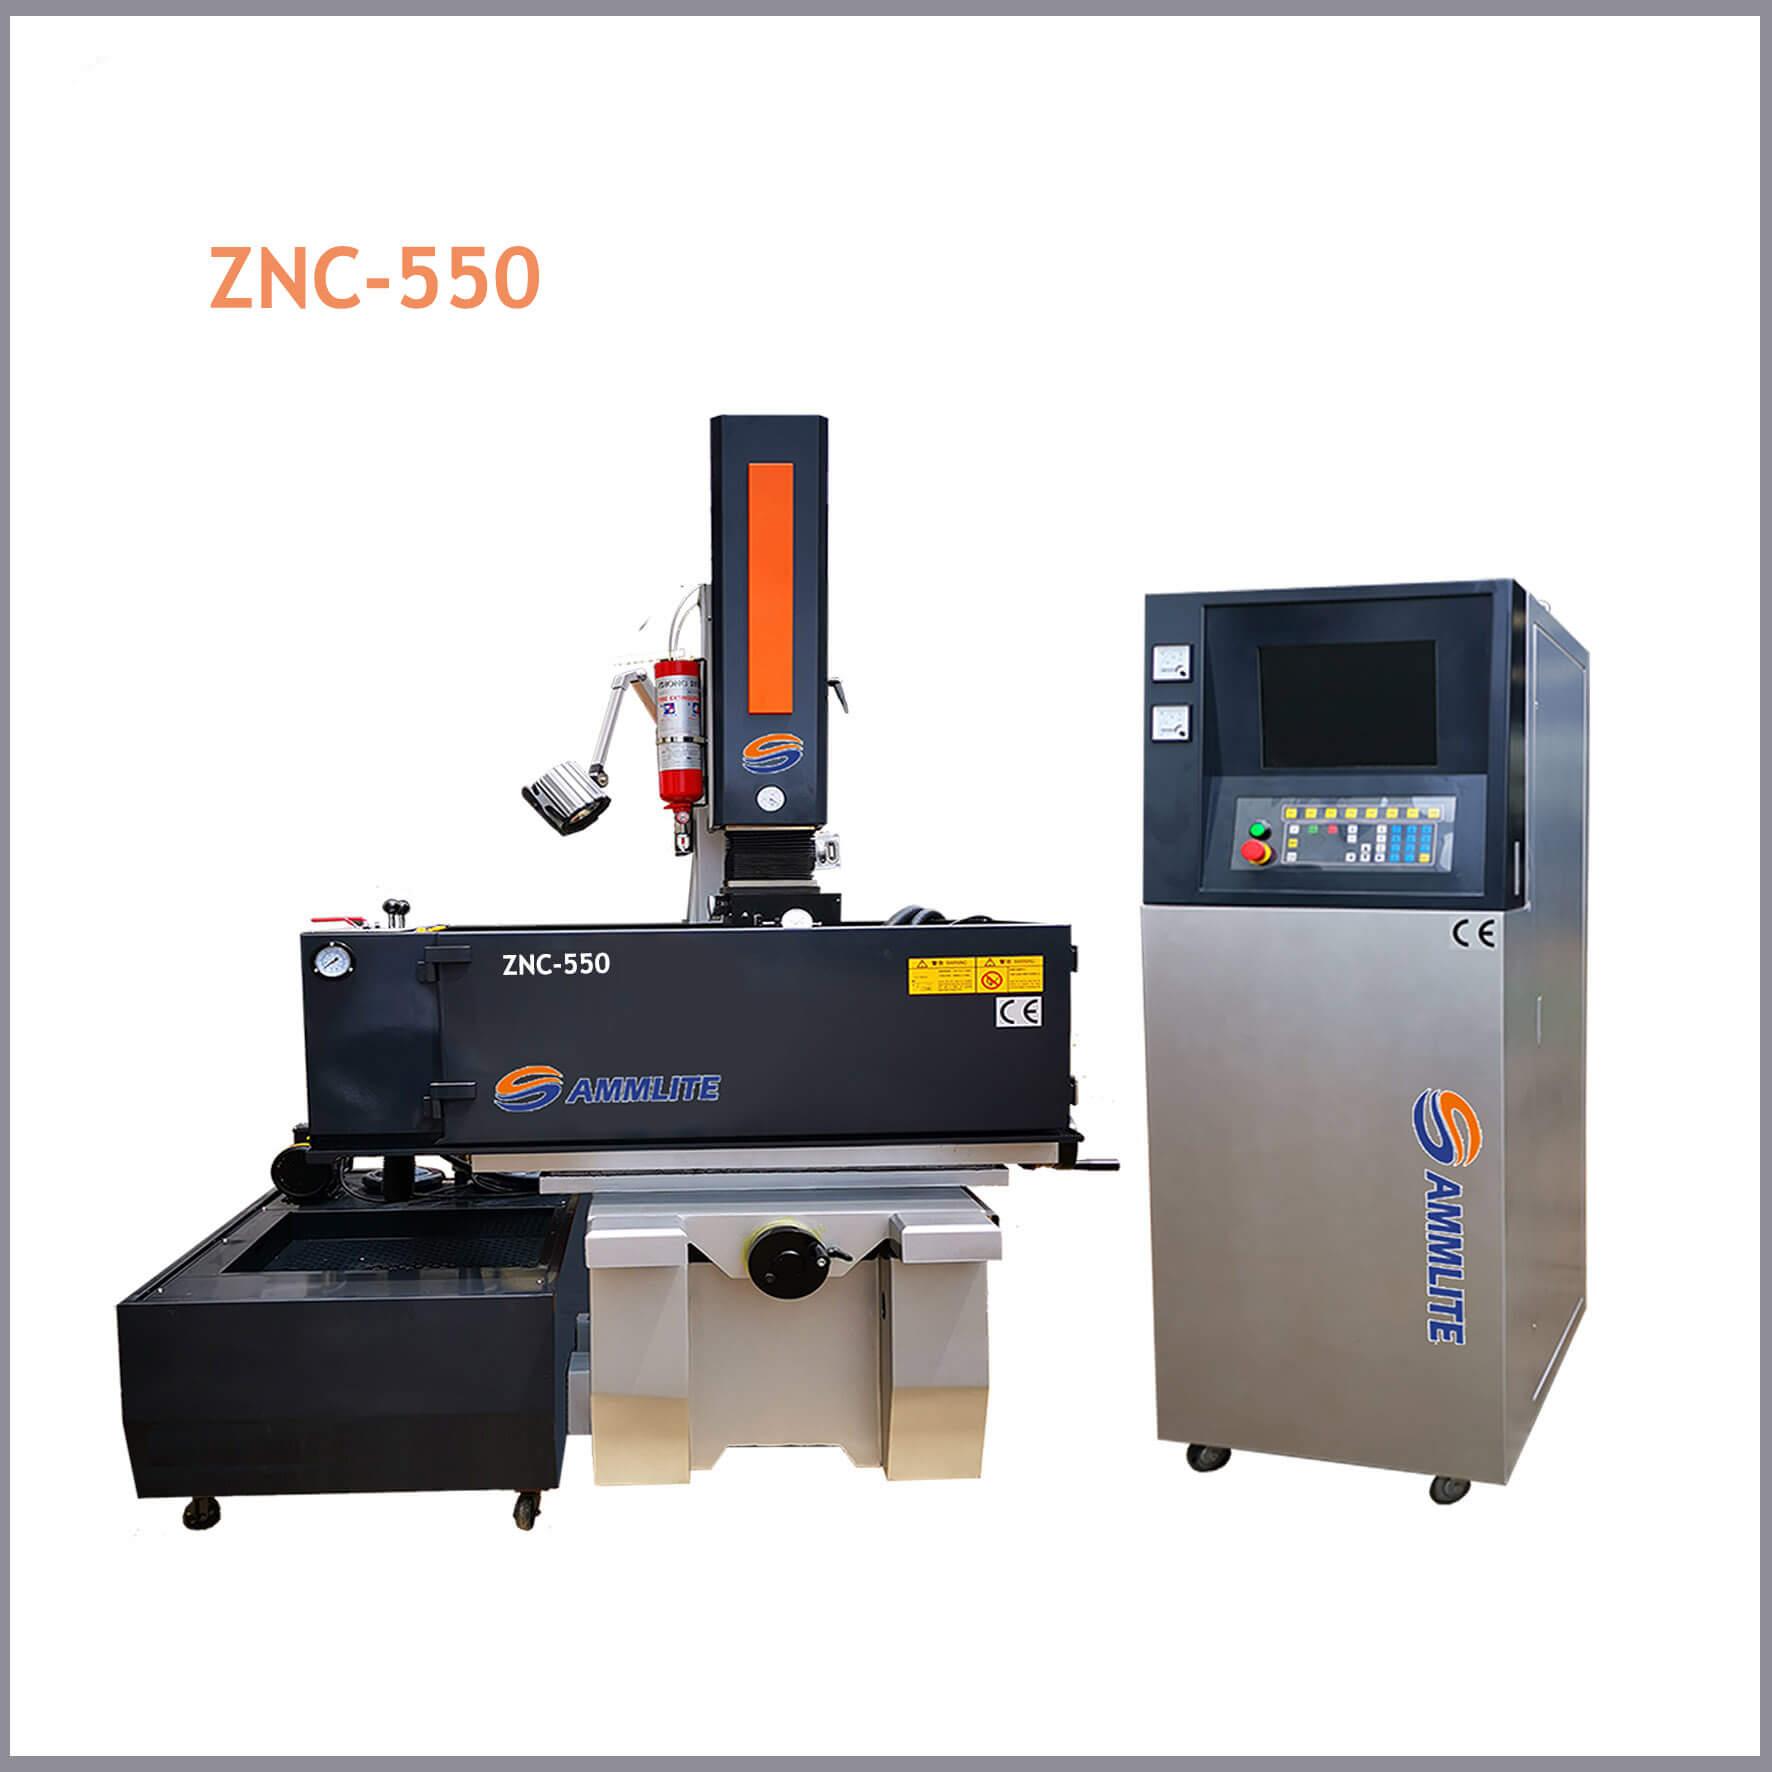 ZNC-550 Dalma Erozyon Tezgahı